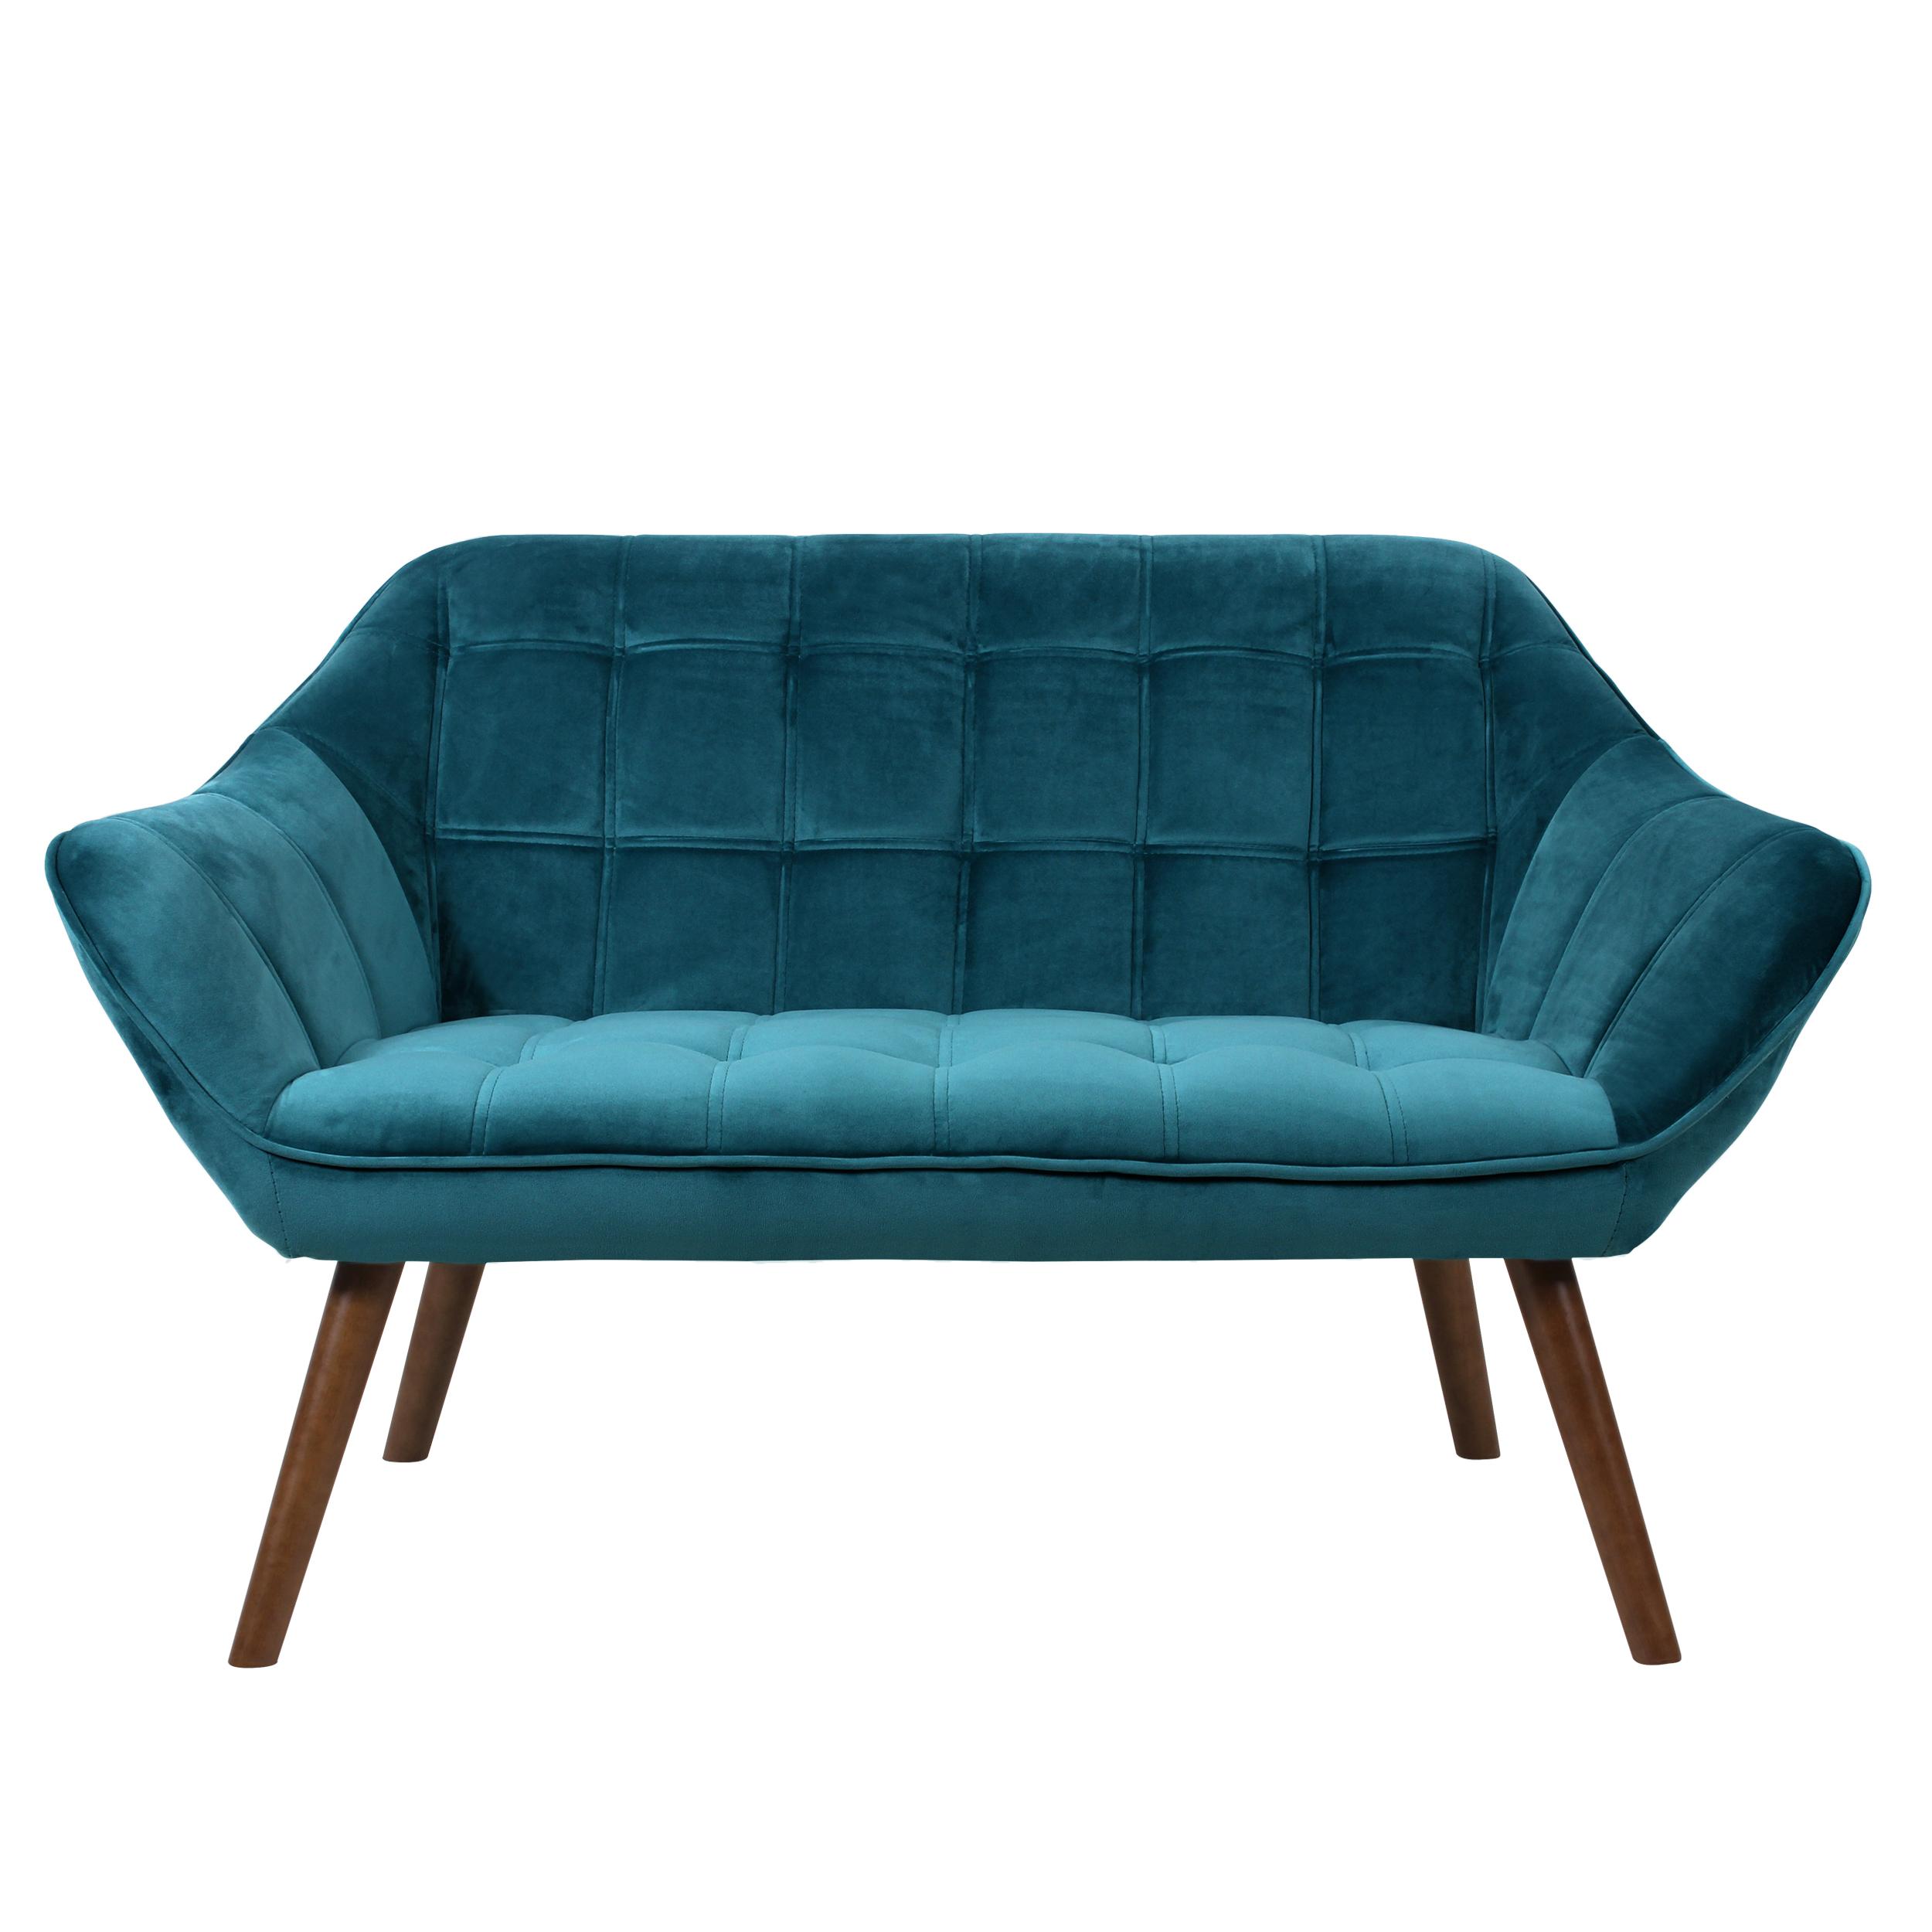 Canapé 2 places en velours bleu turquoise